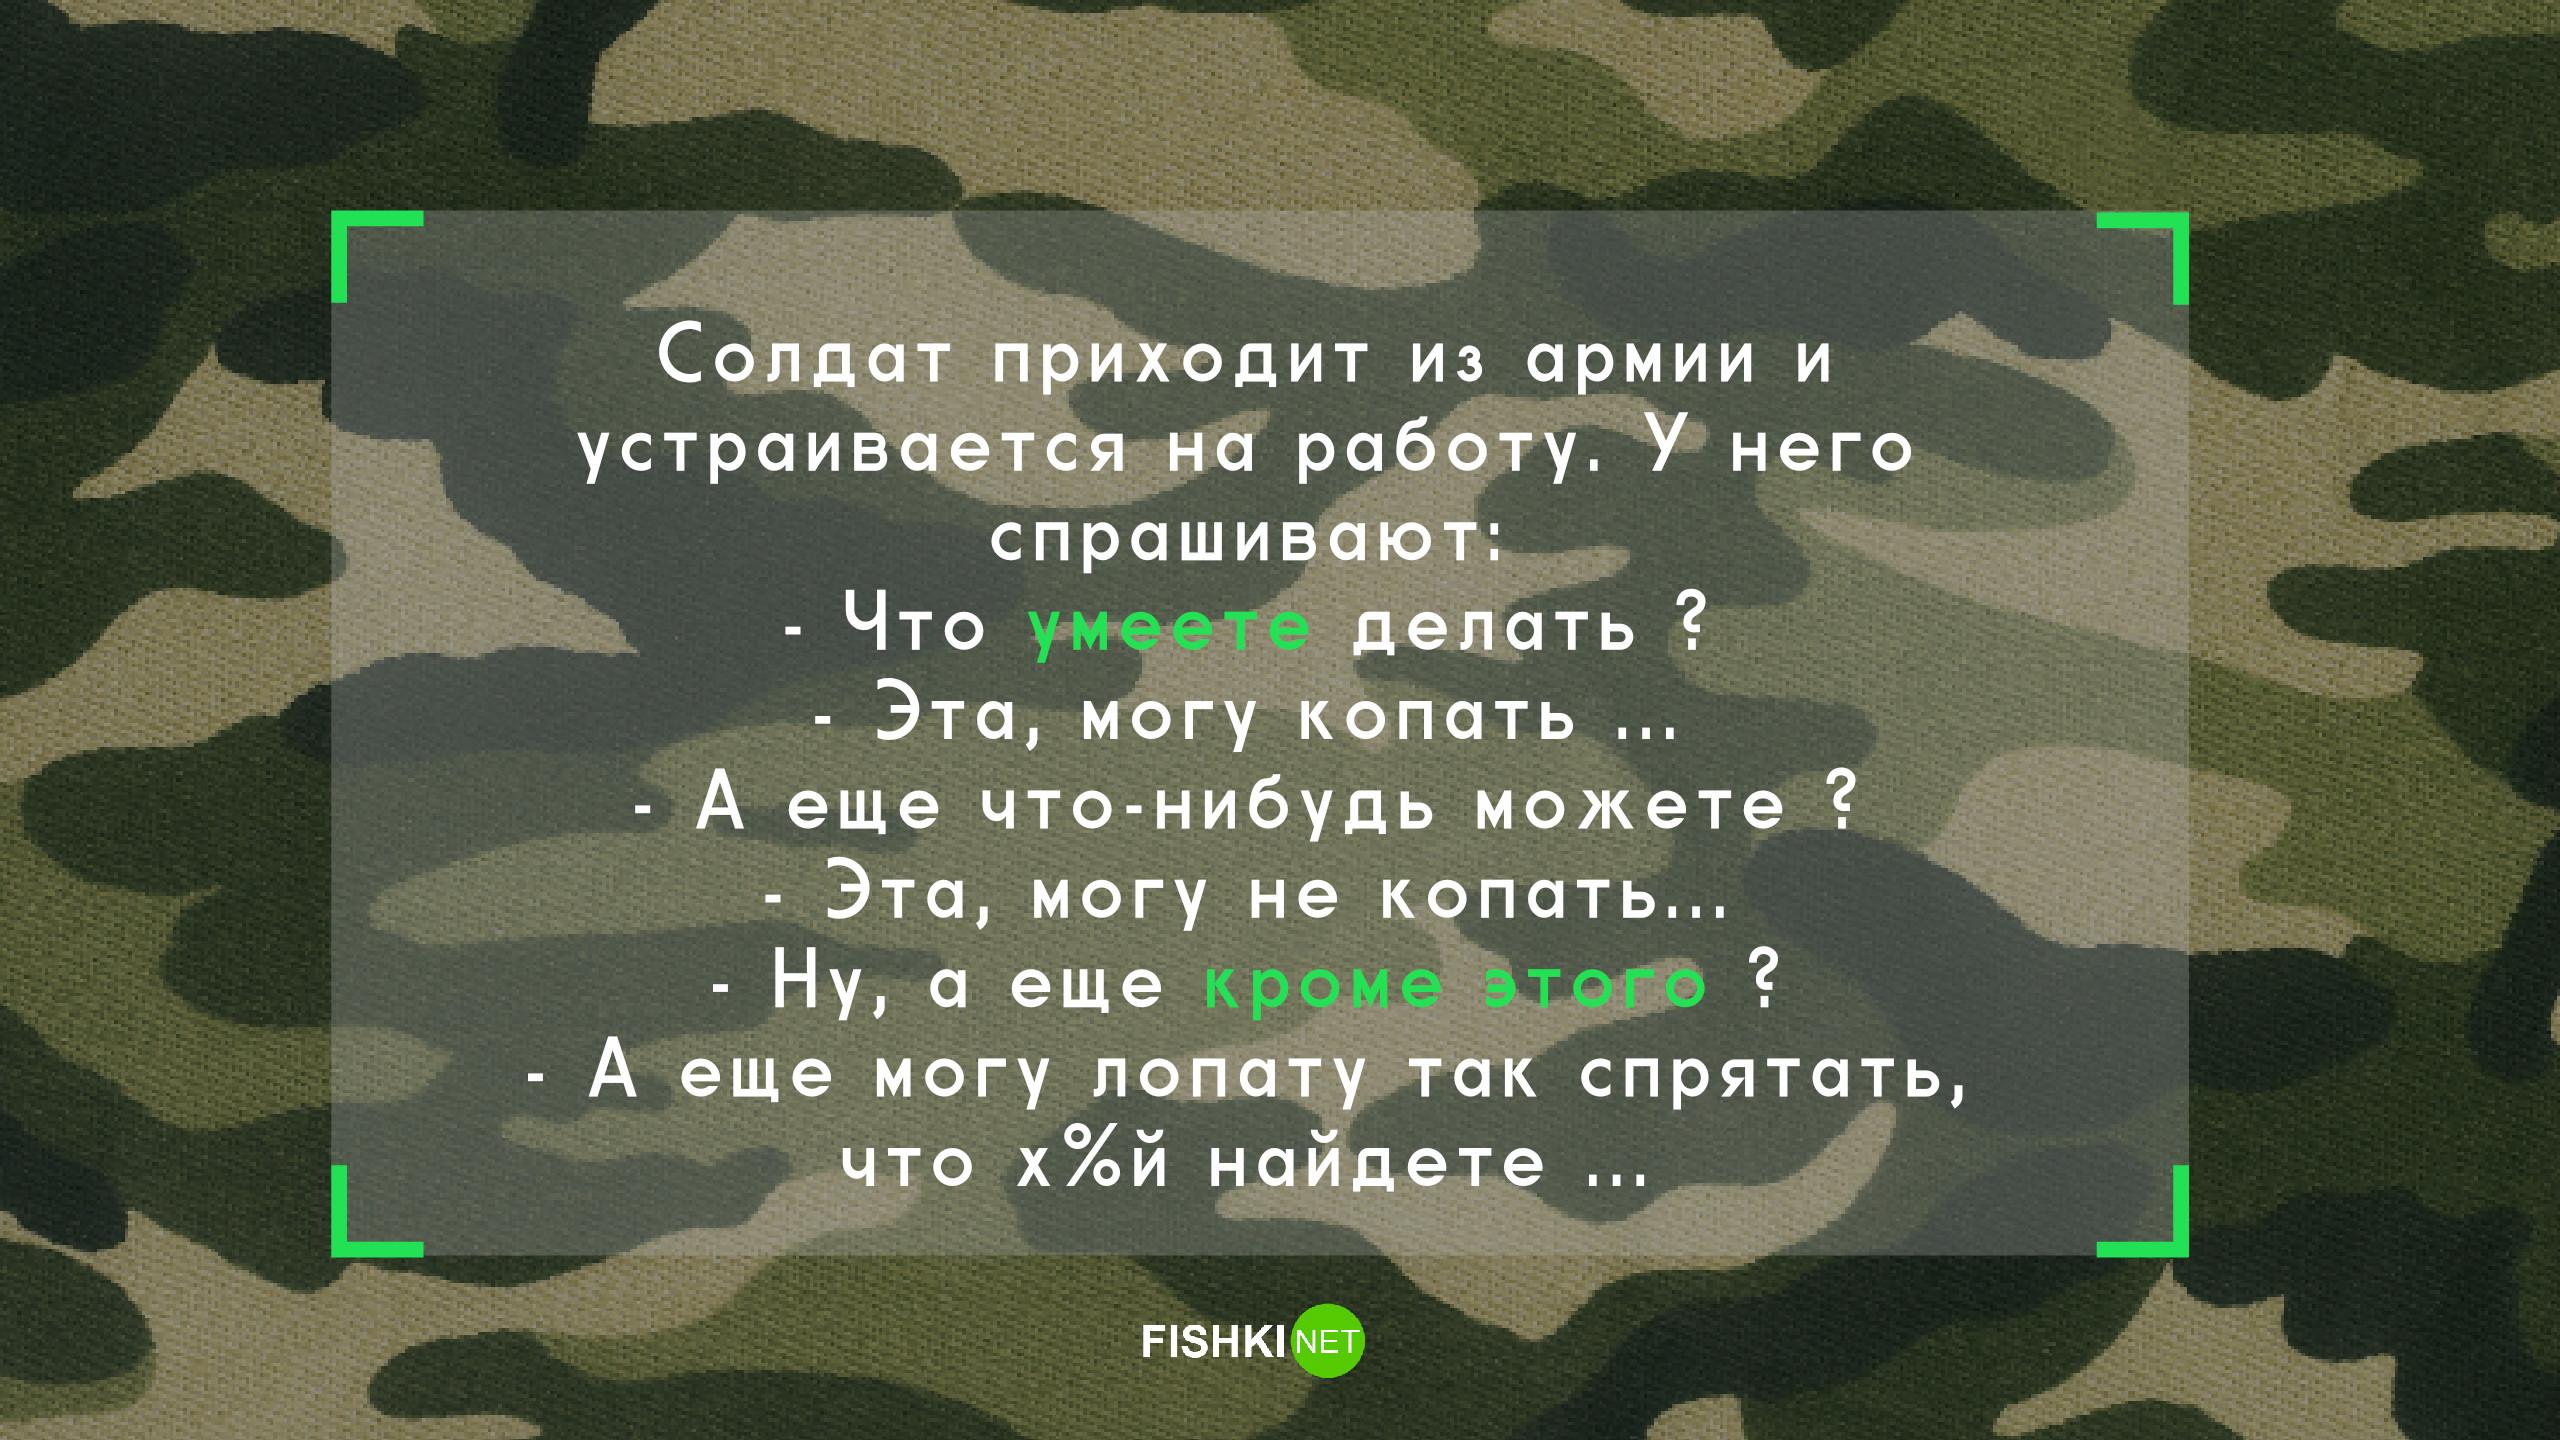 Картинки пожелания в армию солдату